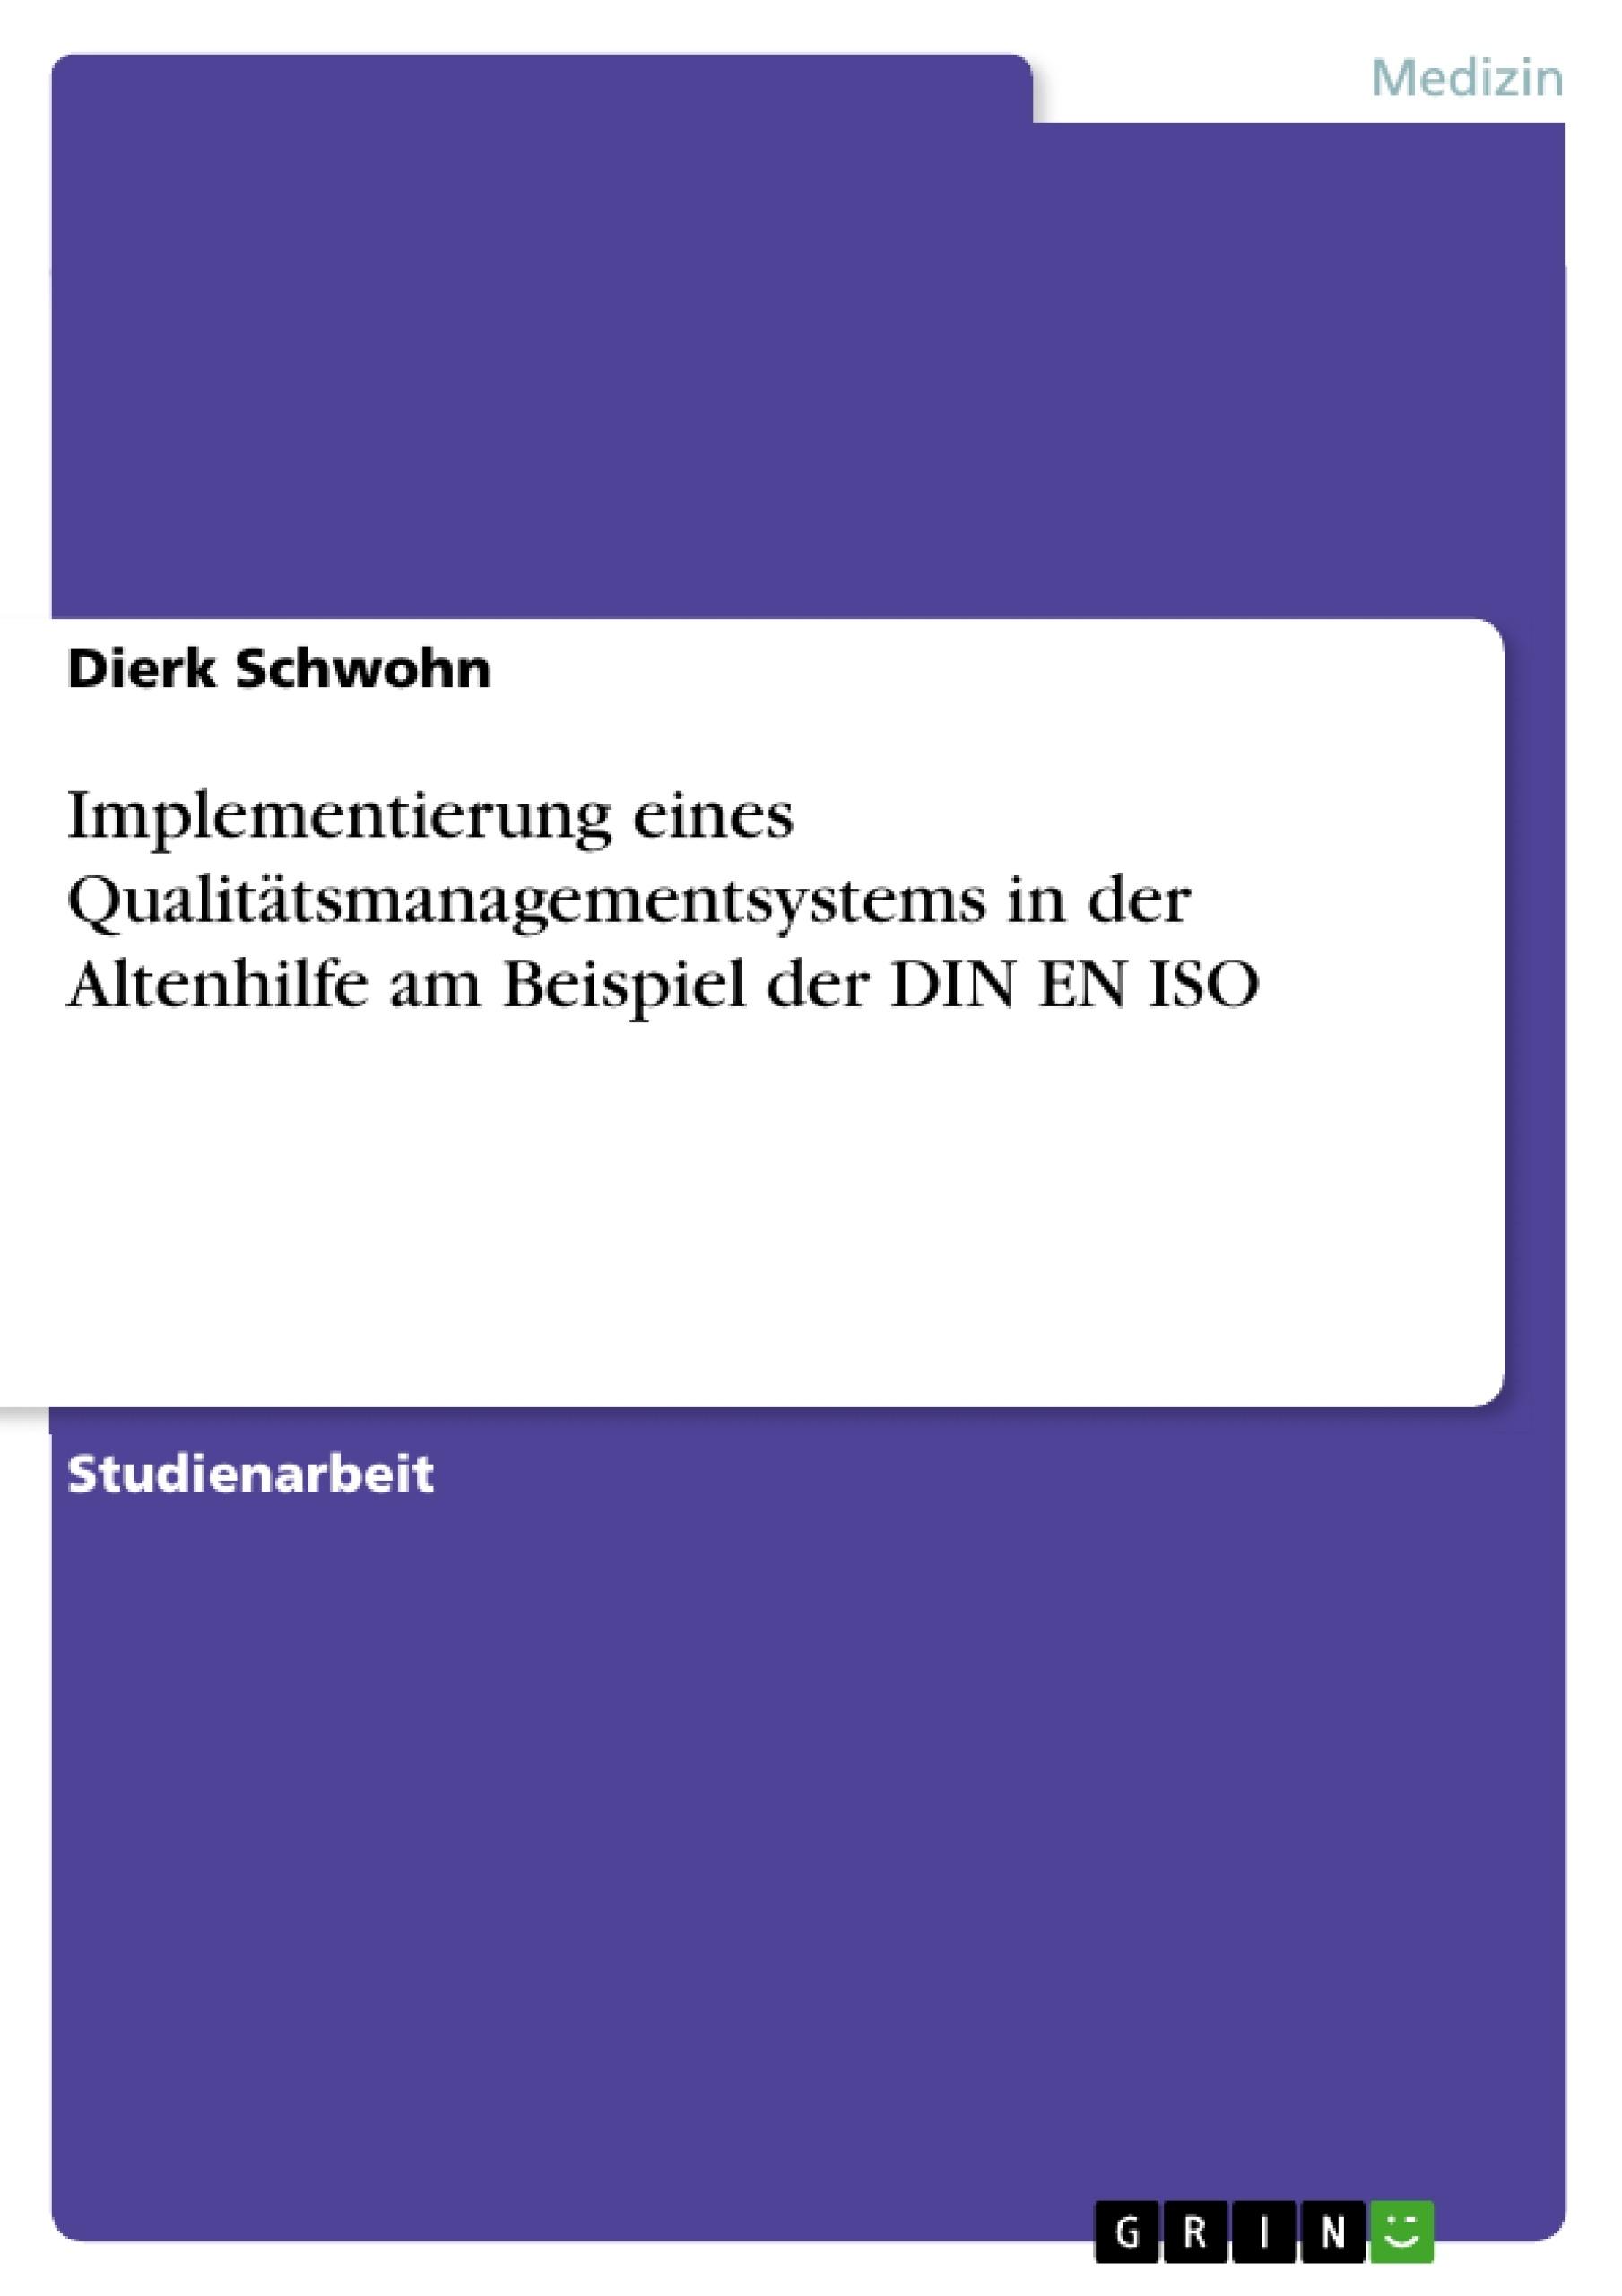 Titel: Implementierung eines Qualitätsmanagementsystems in der Altenhilfe am Beispiel der DIN EN ISO